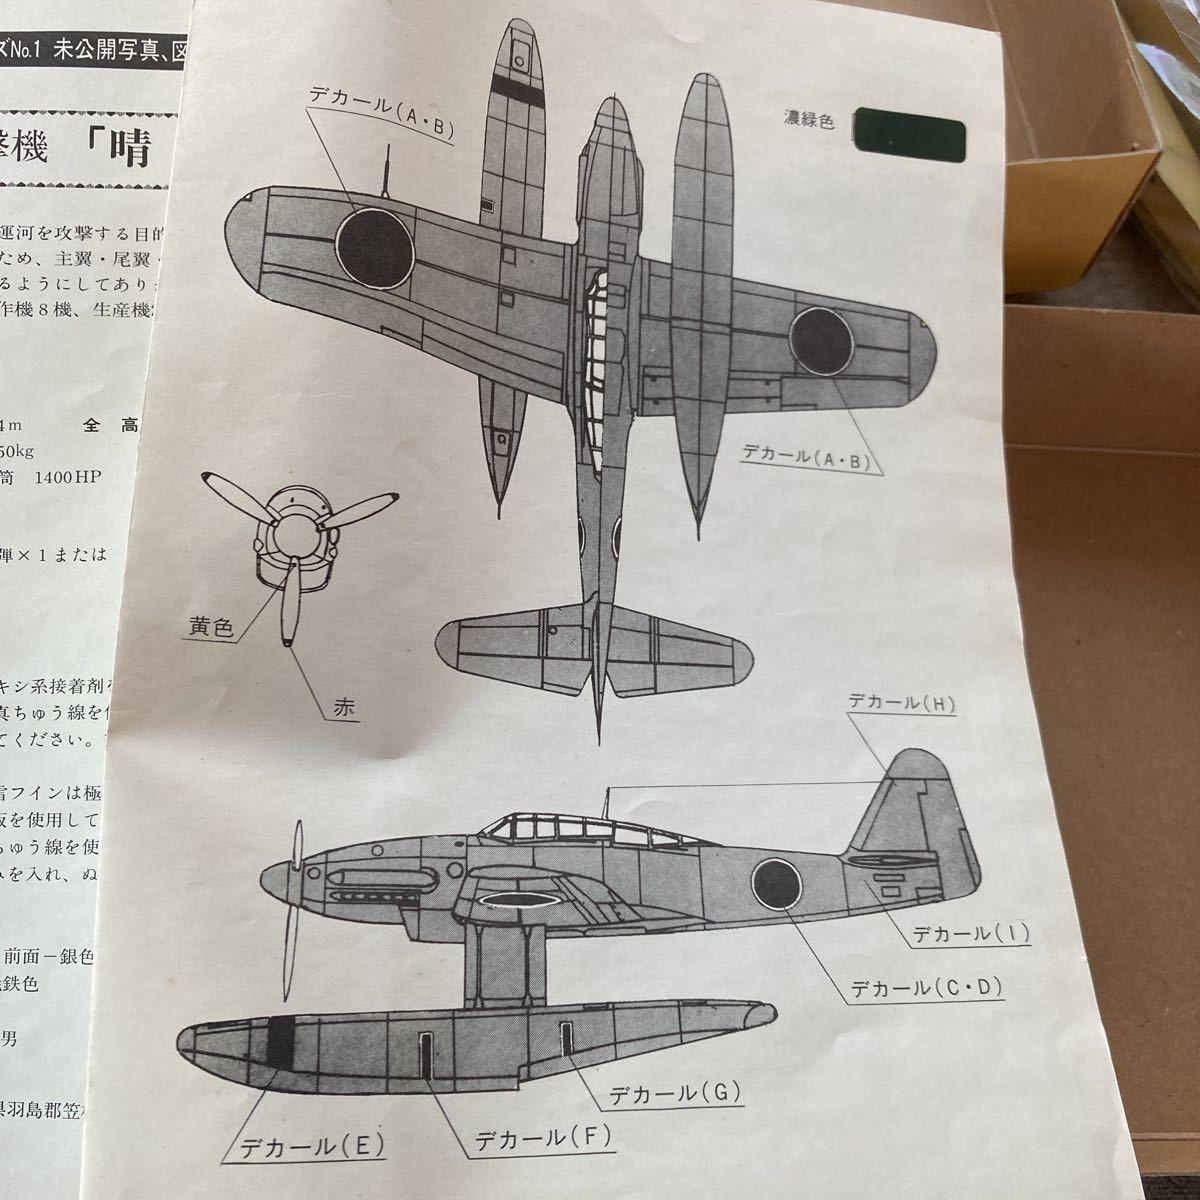 ラクーンモデル愛知航空生日本海軍特殊攻撃機ボークス_画像8